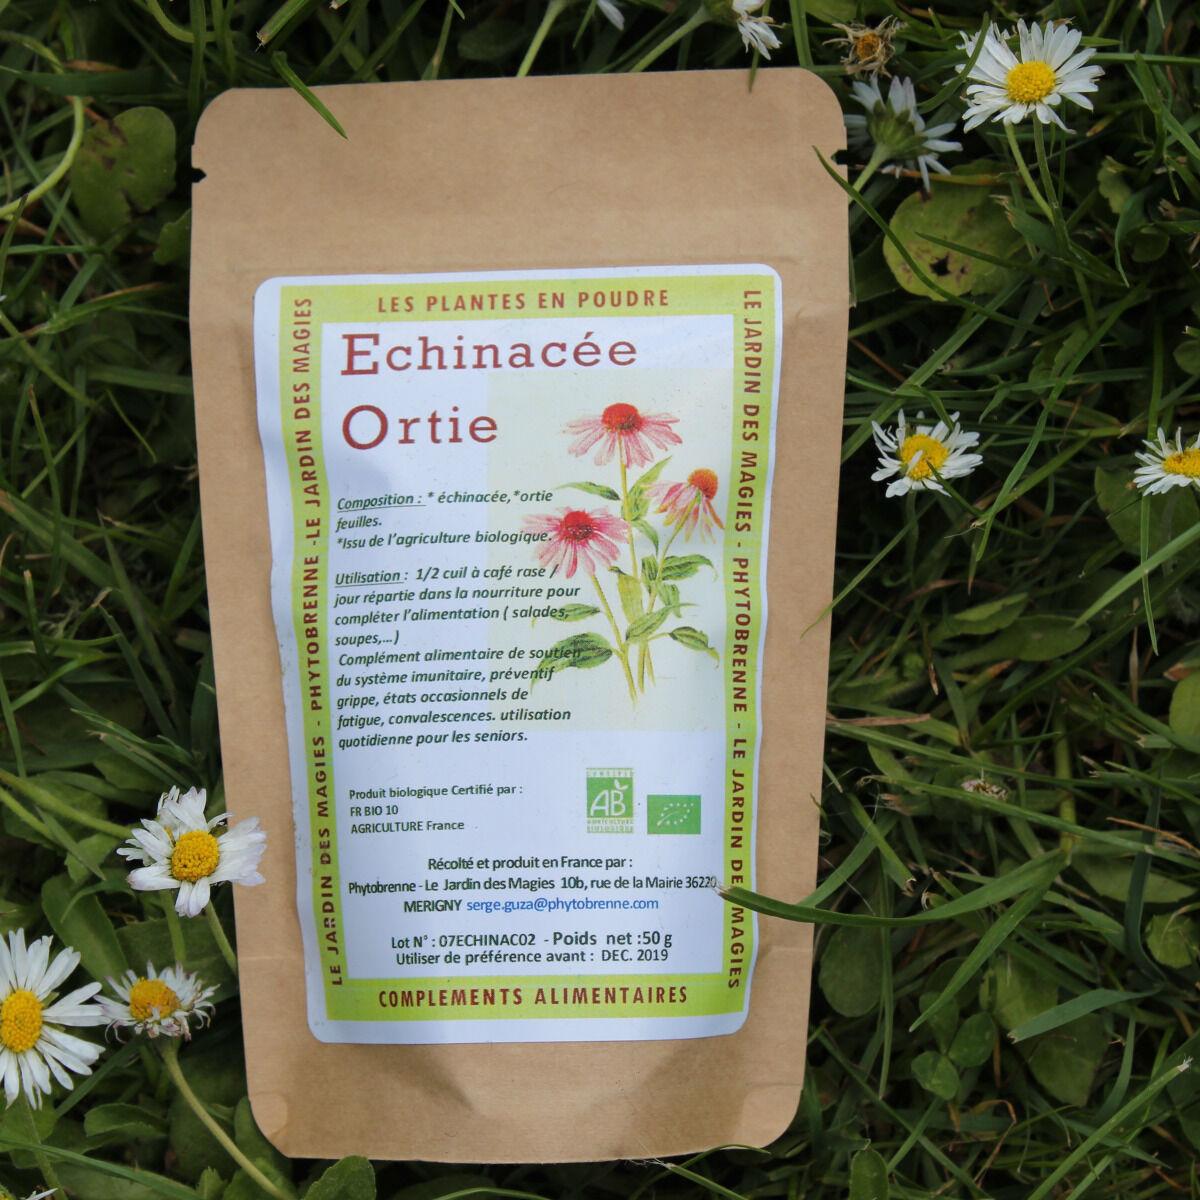 PhytoBrenne Le Jardin des Magies Plante en Poudre : Ortie, Echinacée (complément Alimentaire)